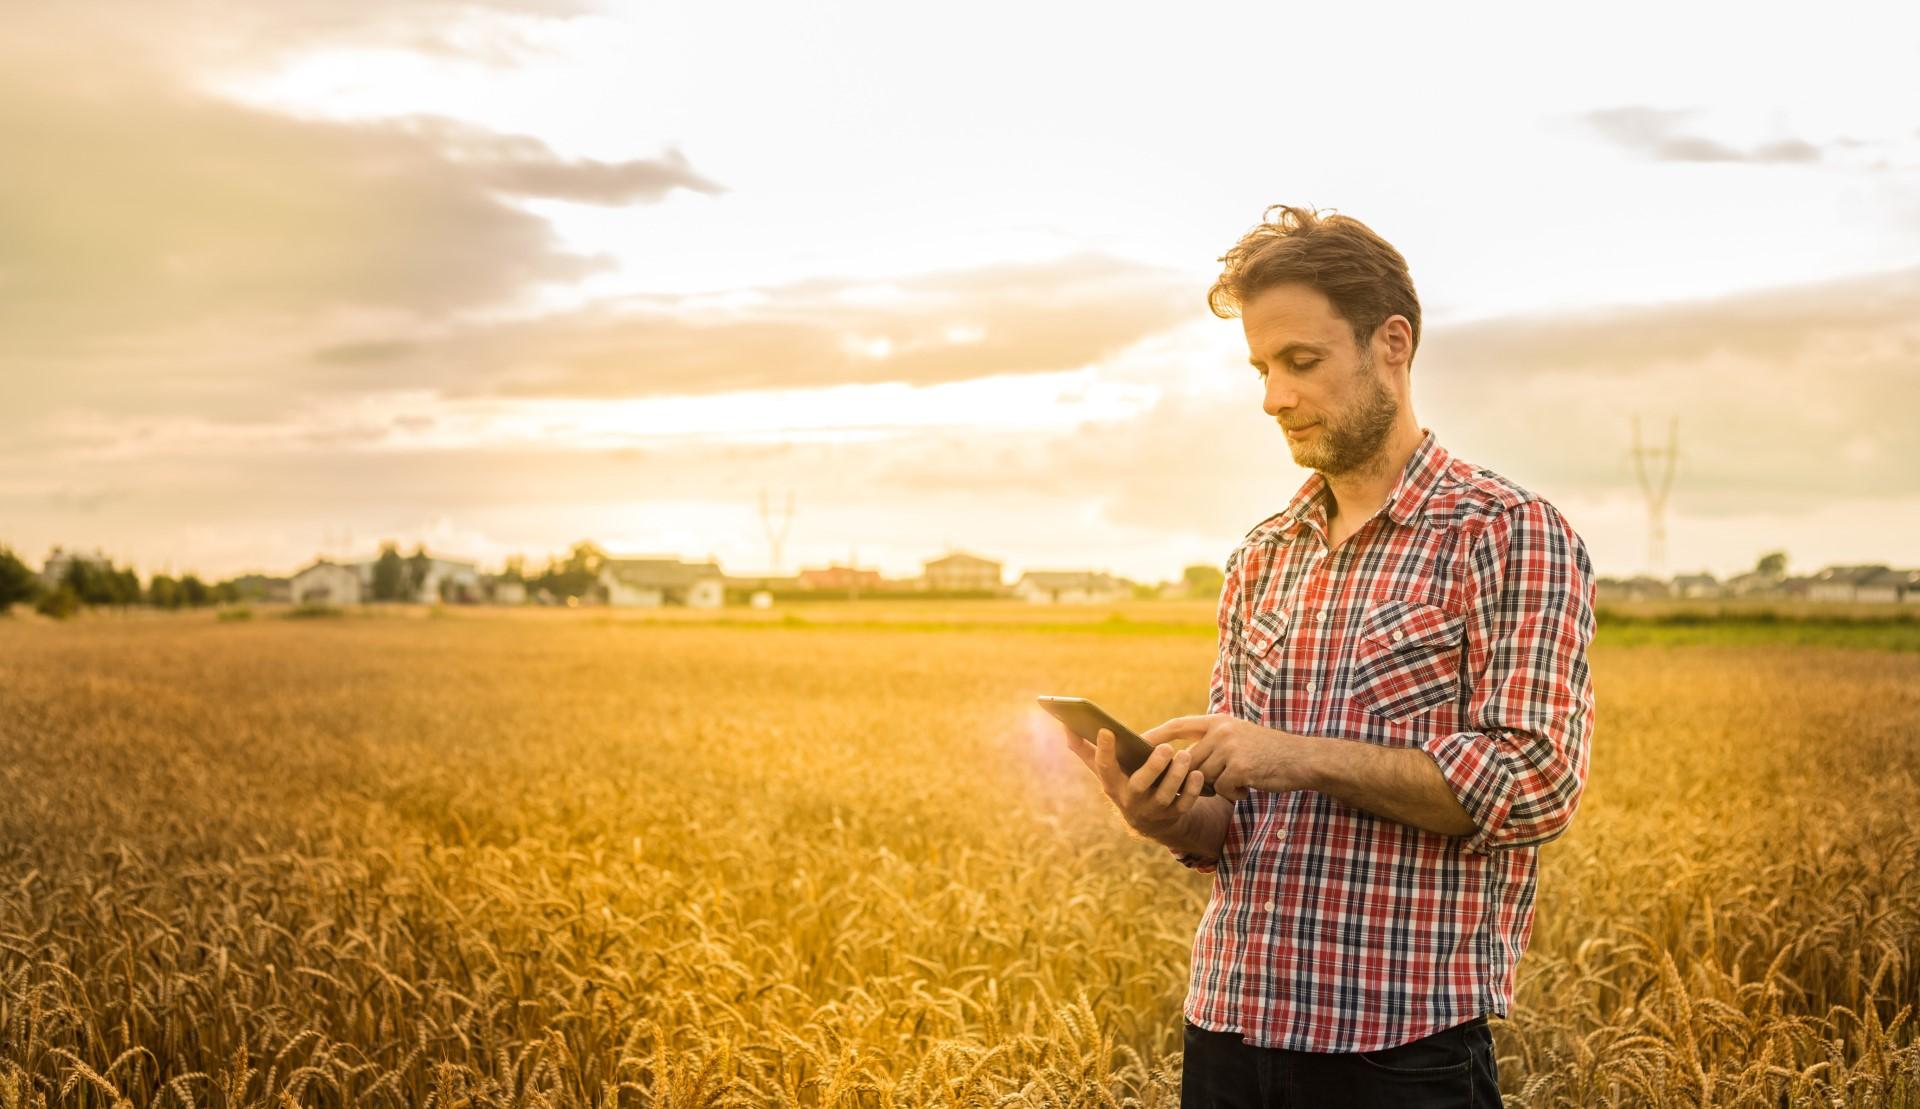 Agriculteur sur sa tablette devant un un champ de céréales.